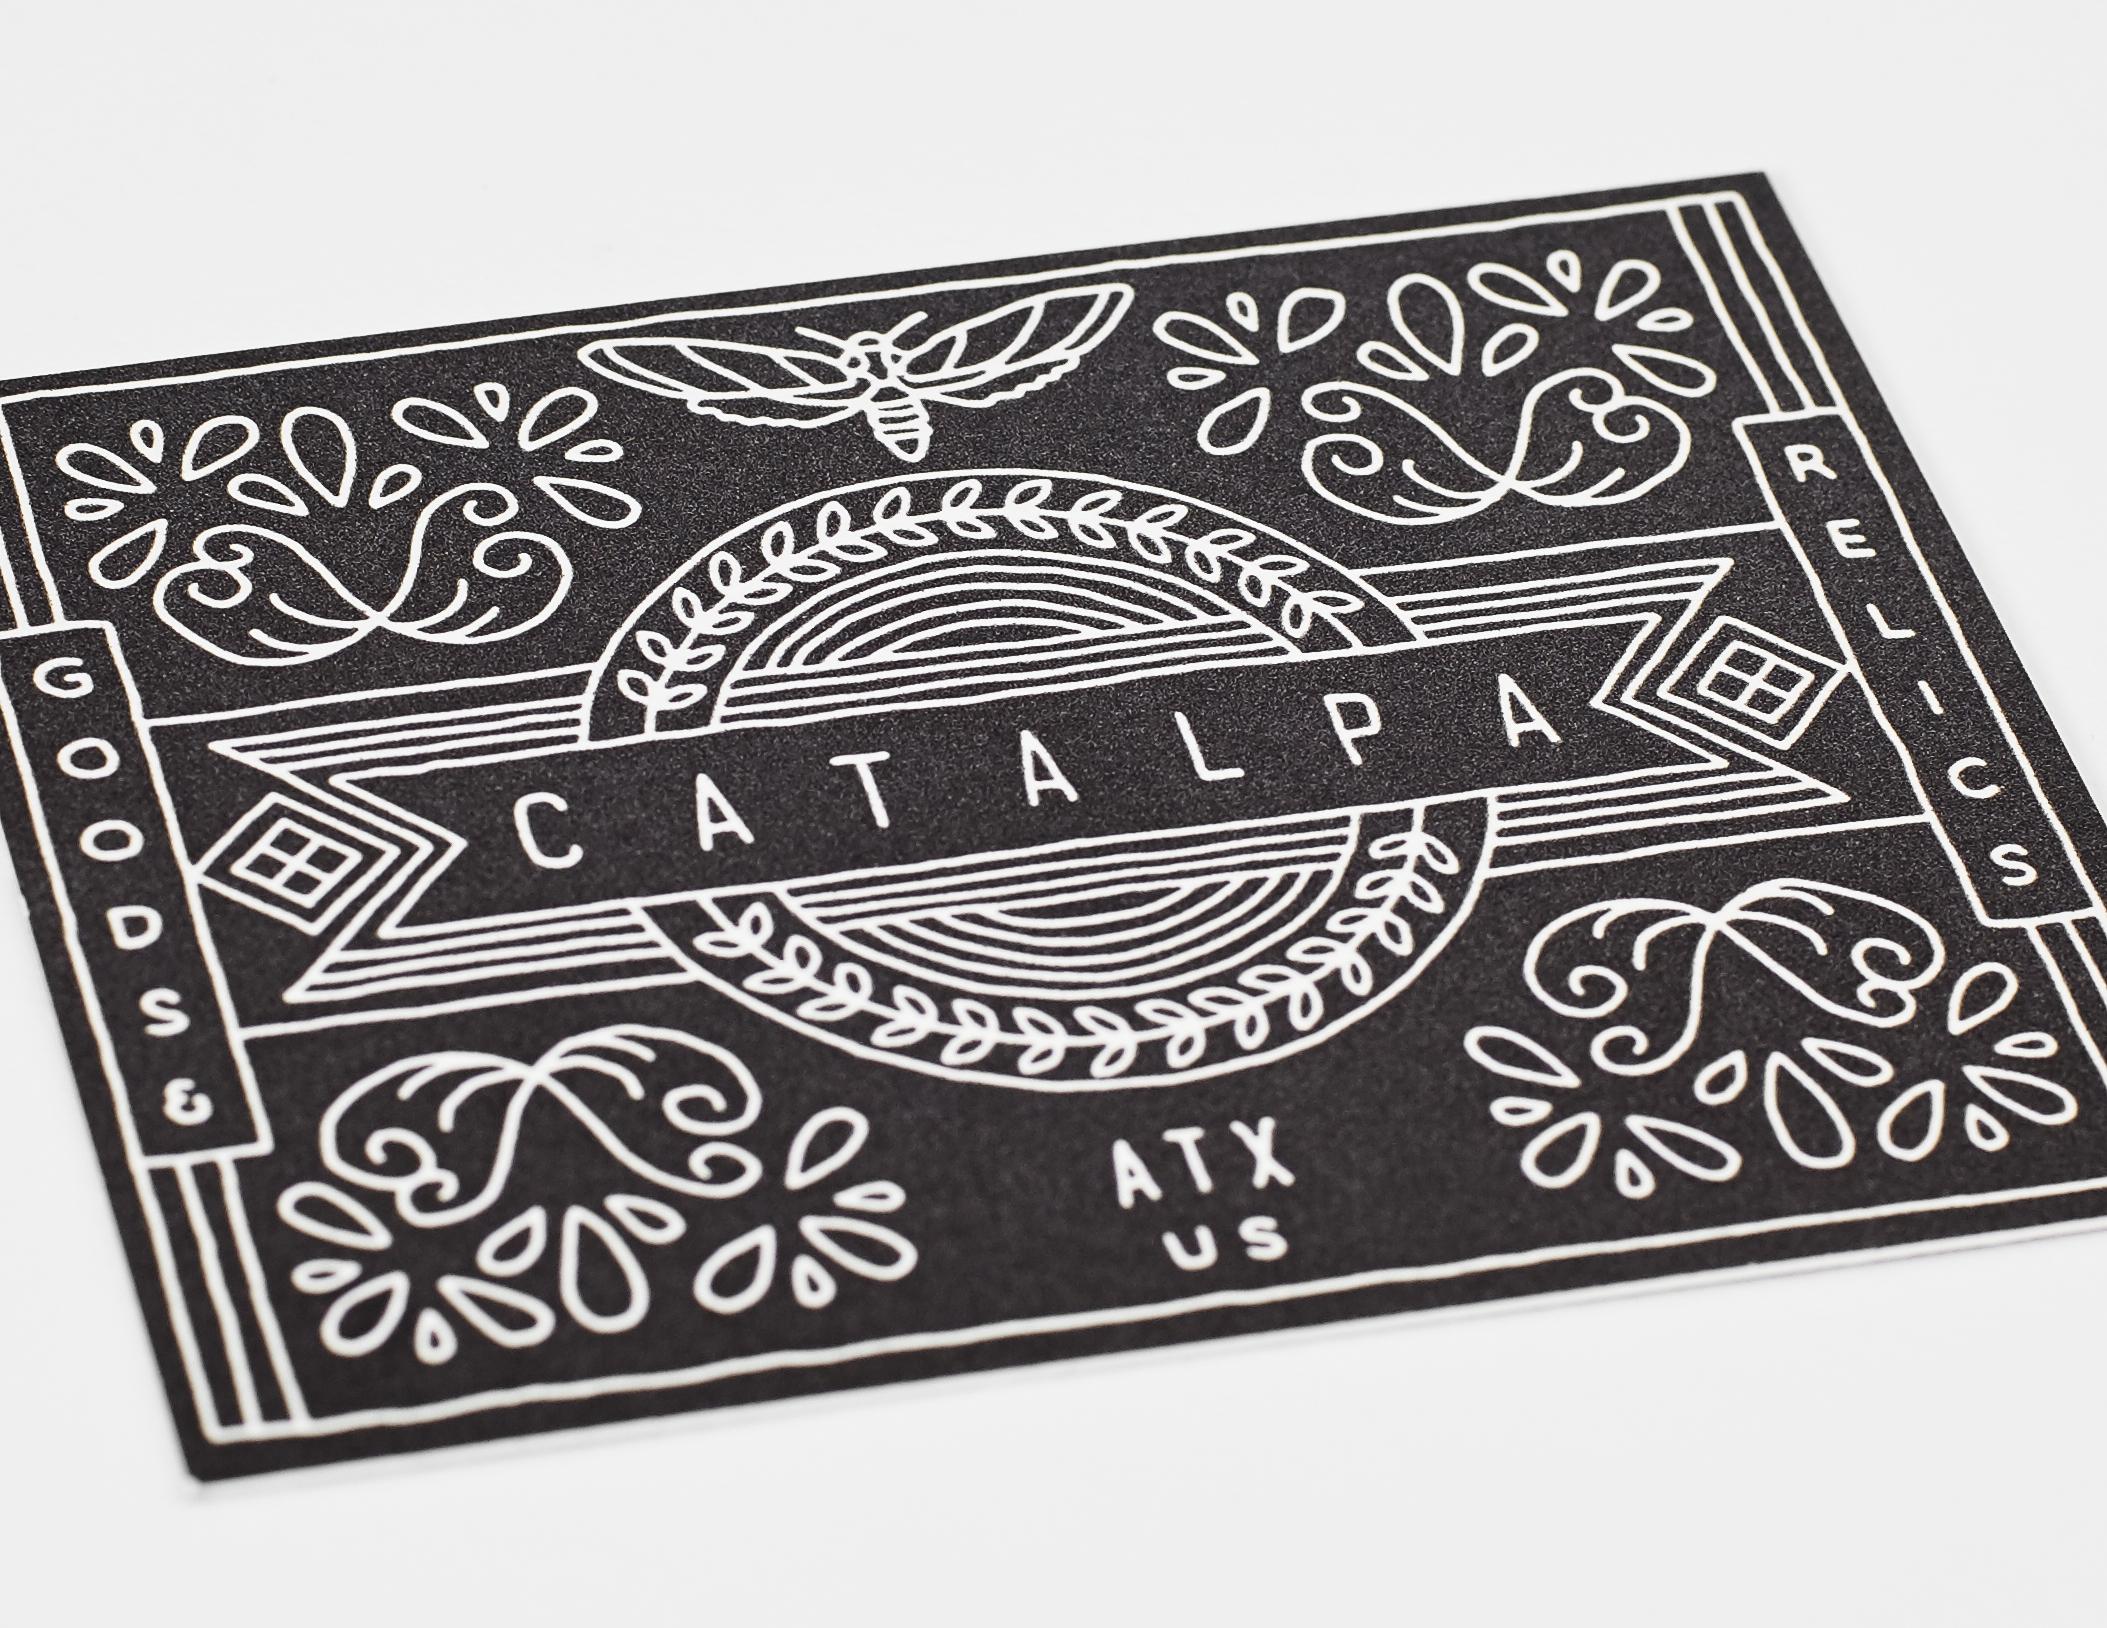 Catalpa5169